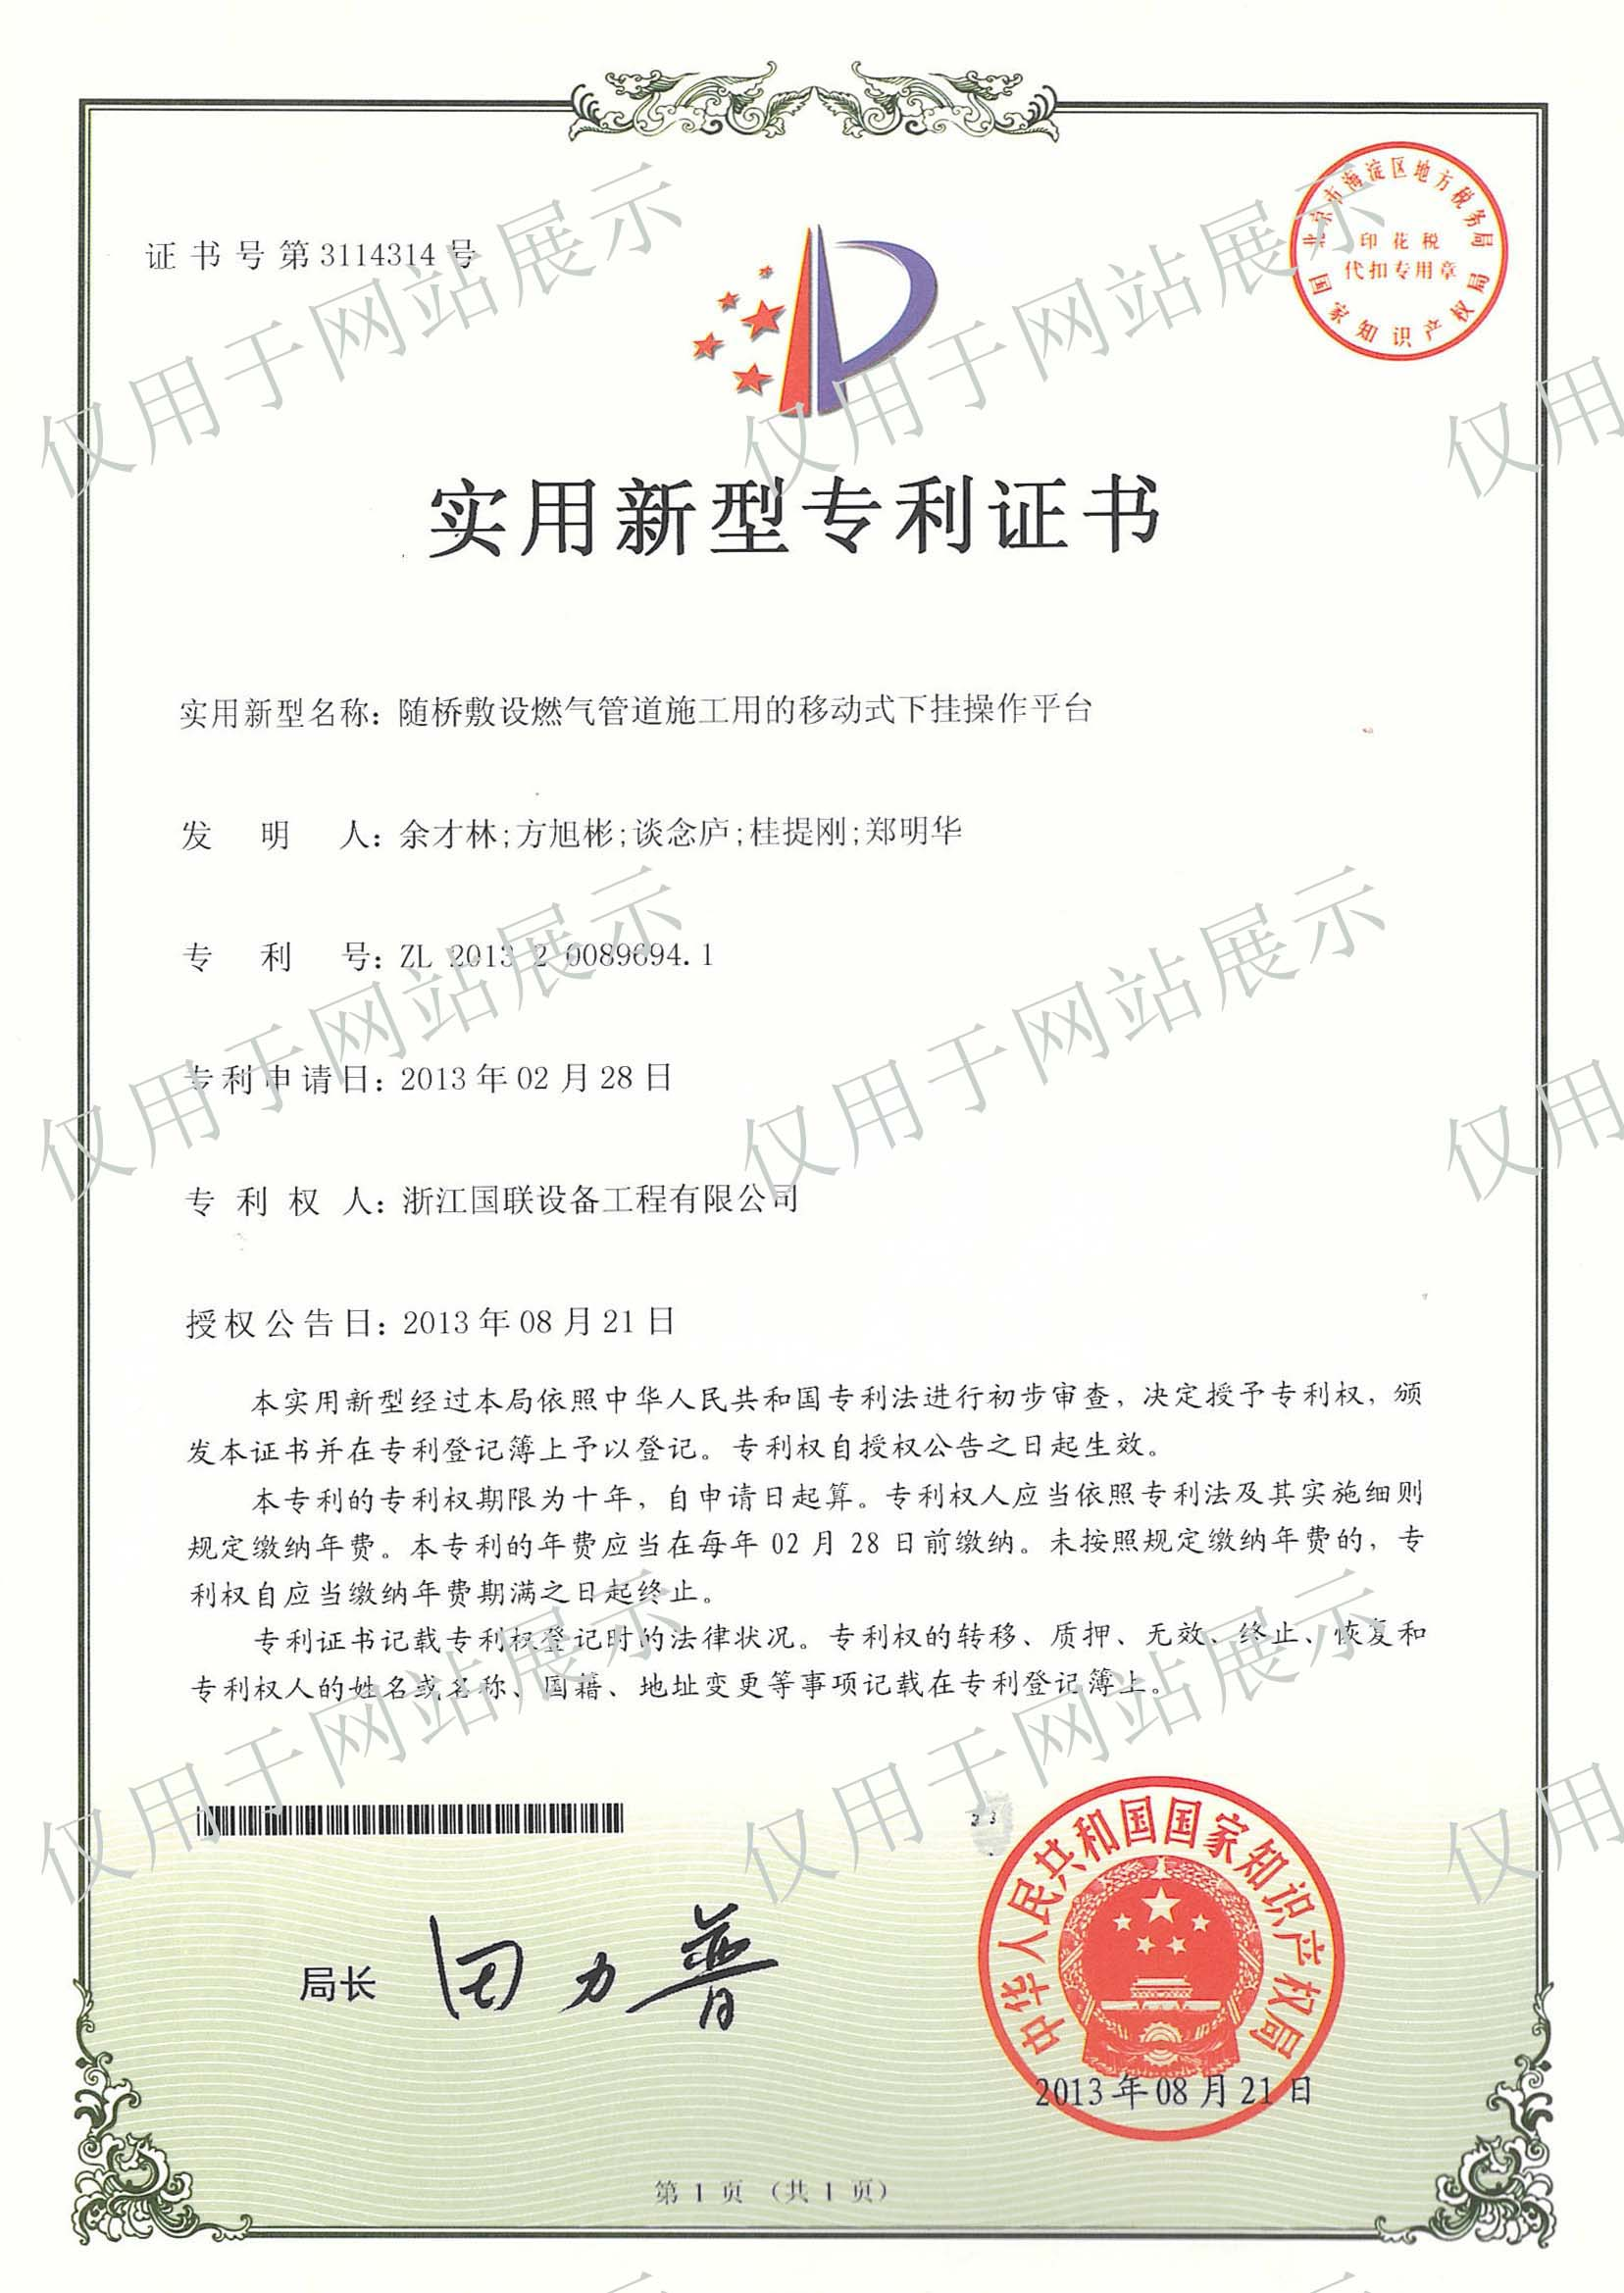 隨橋敷設燃氣工程實用新型專利2013.8.12.jpg